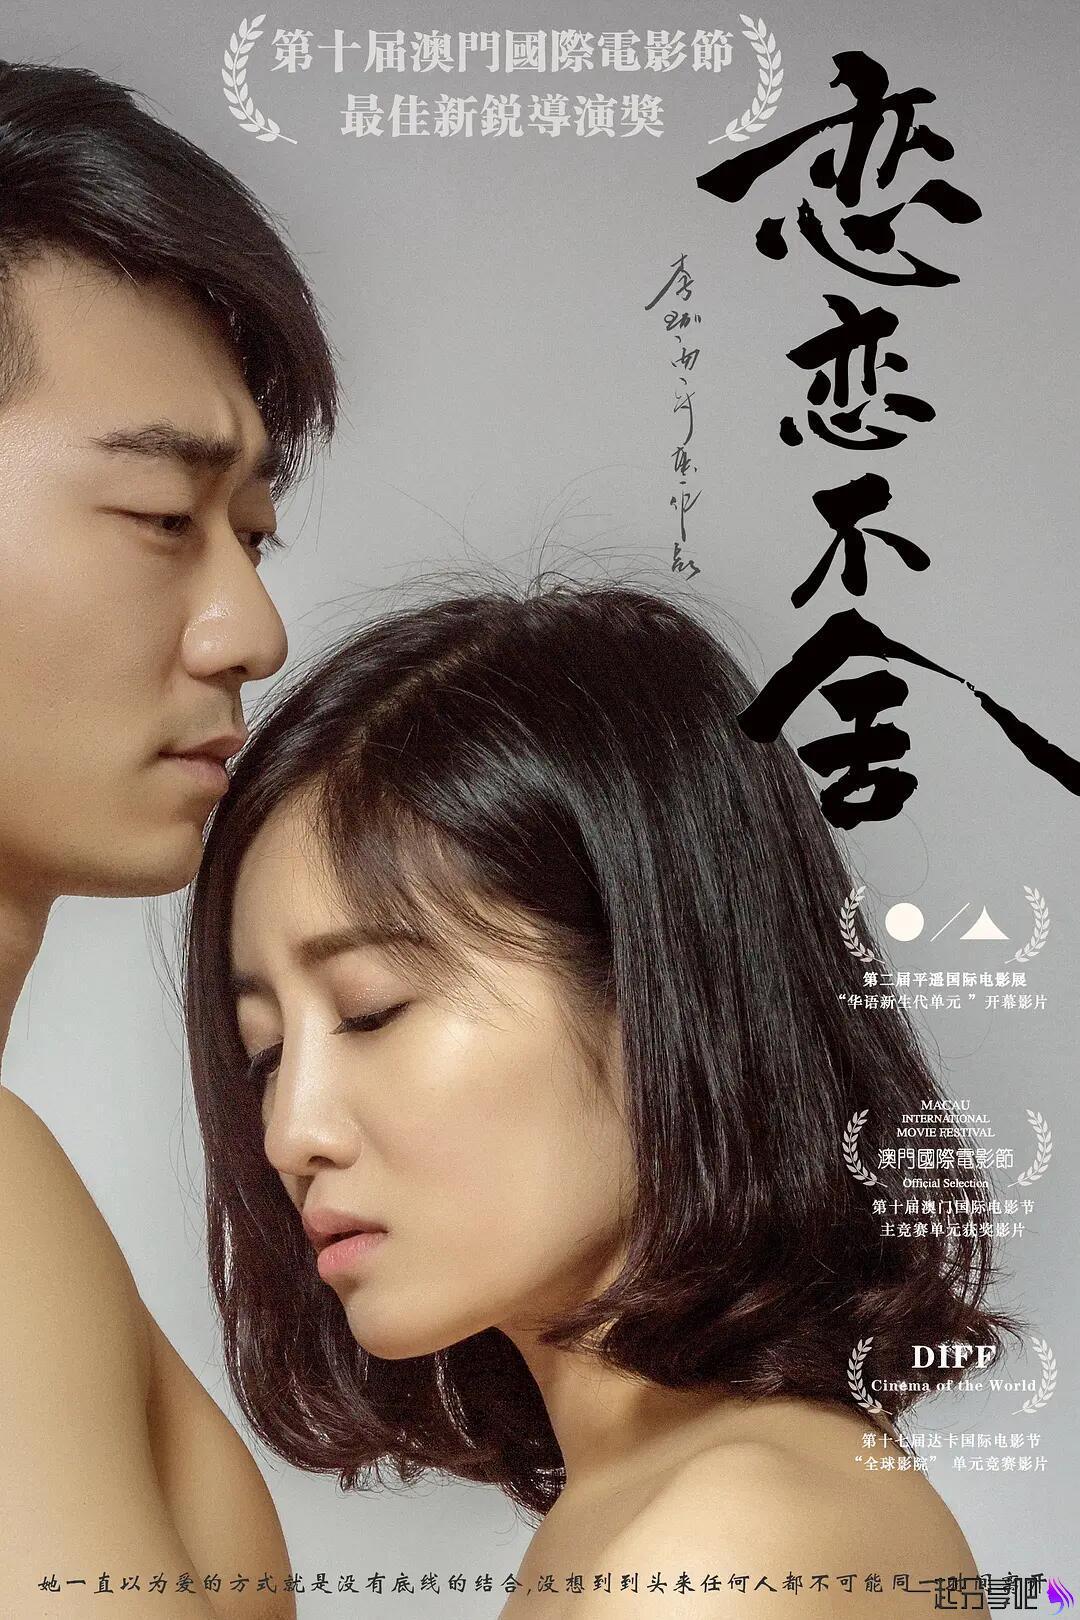 2018年爱情电影《恋恋不舍》HD1080p国语中字版 第1张